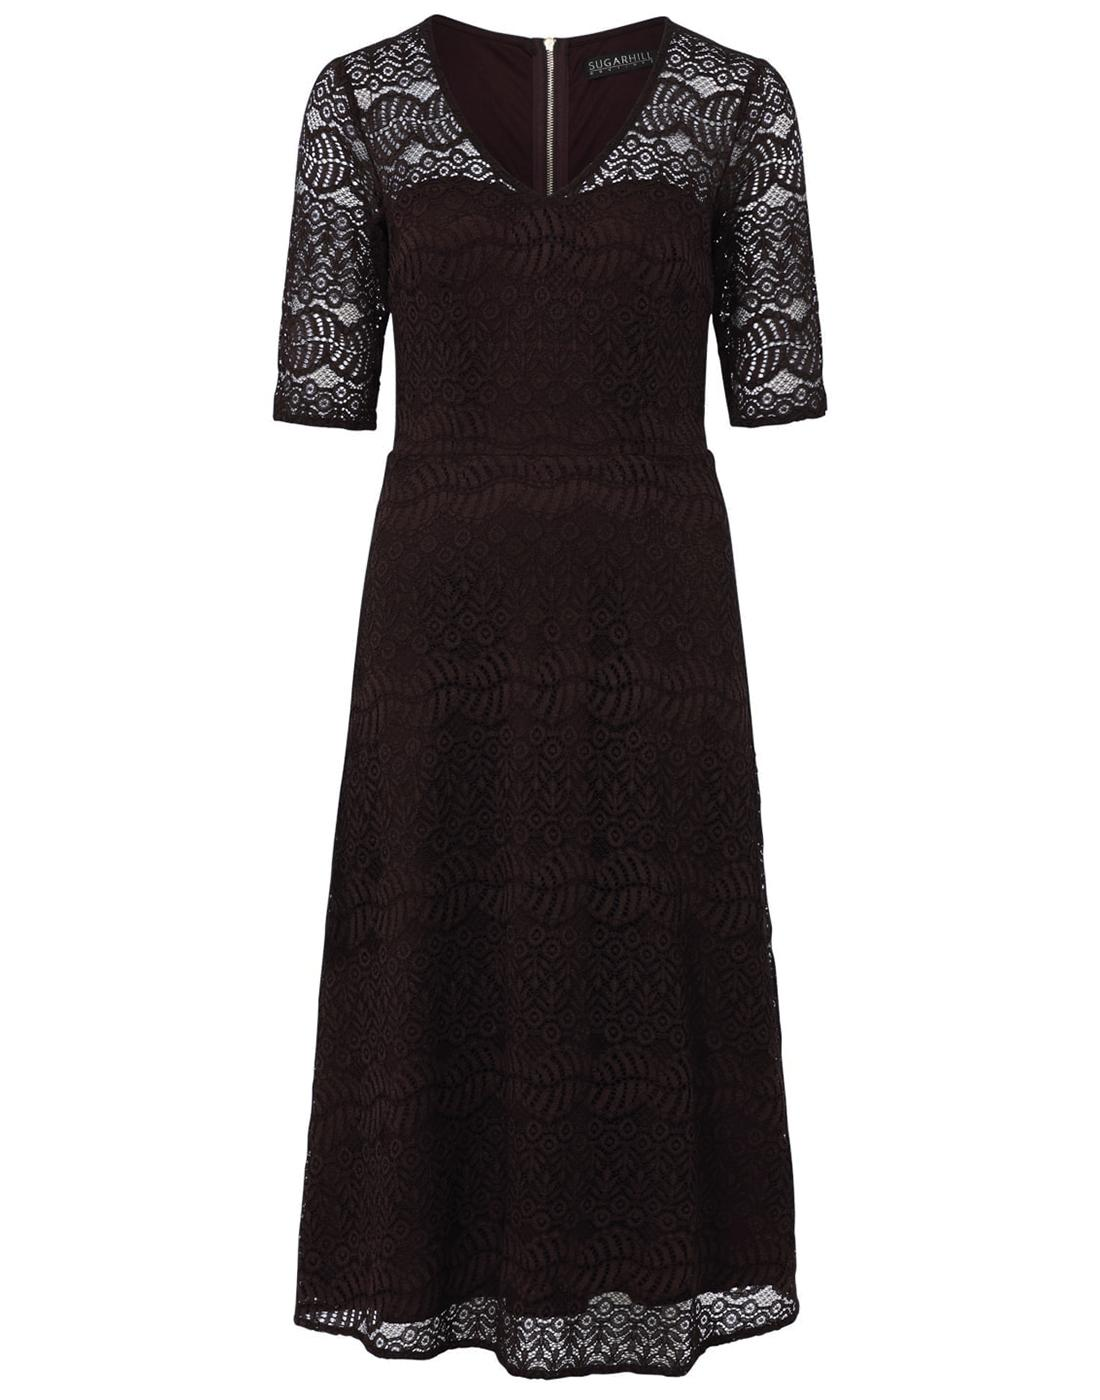 Imelda SUGARHILL BOUTIQUE Retro Vintage Lace Dress